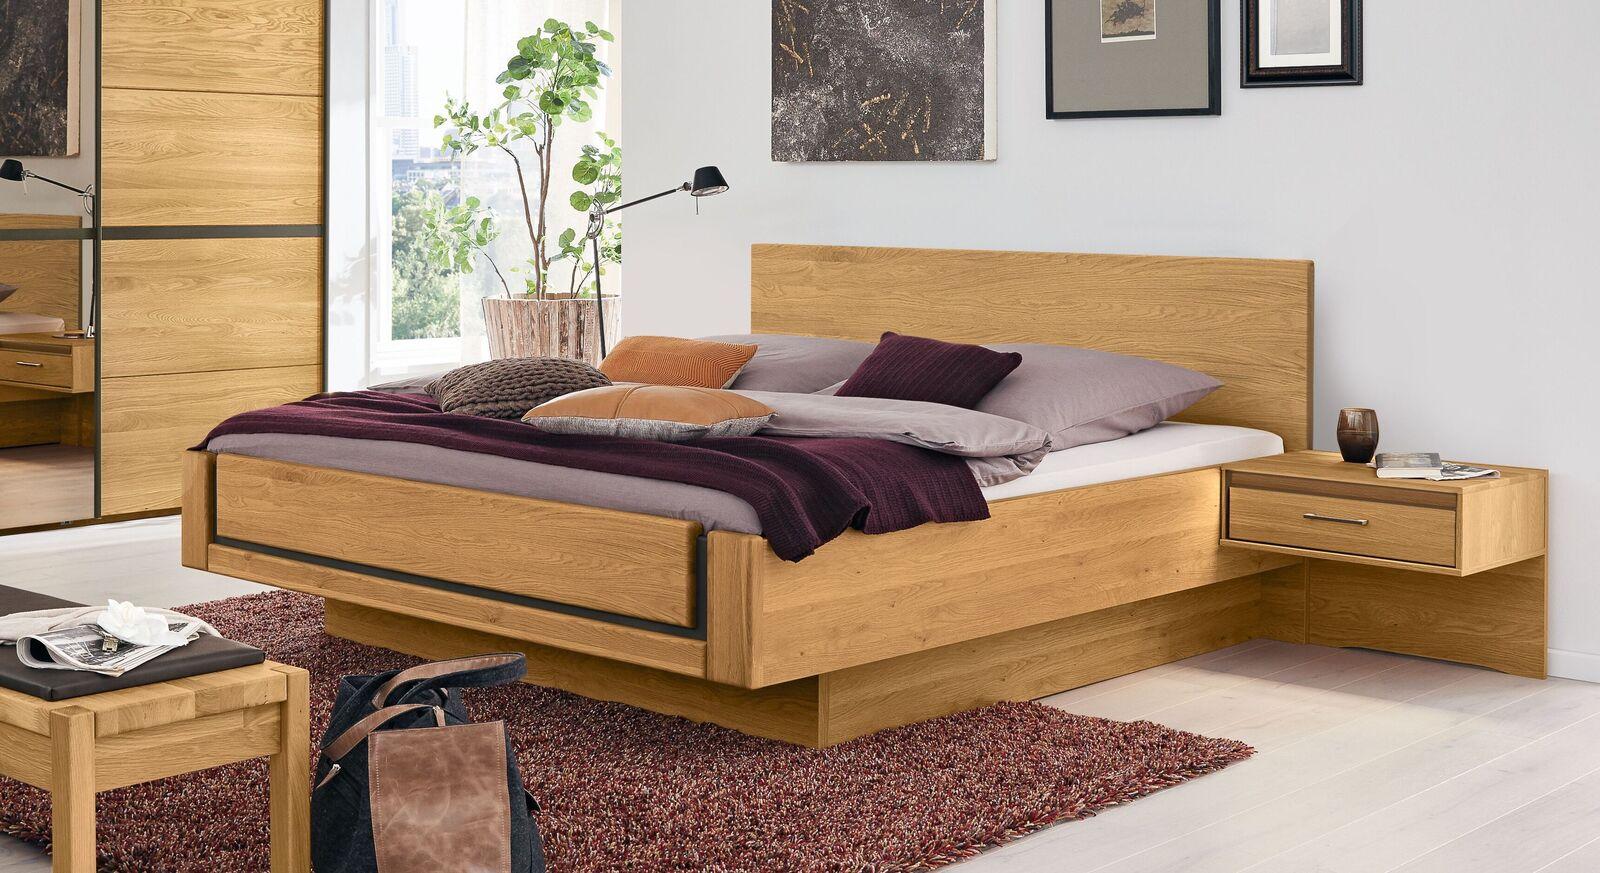 MUSSTERRING Bett Sorrent in Schwebeoptik in Komfort-Höhe